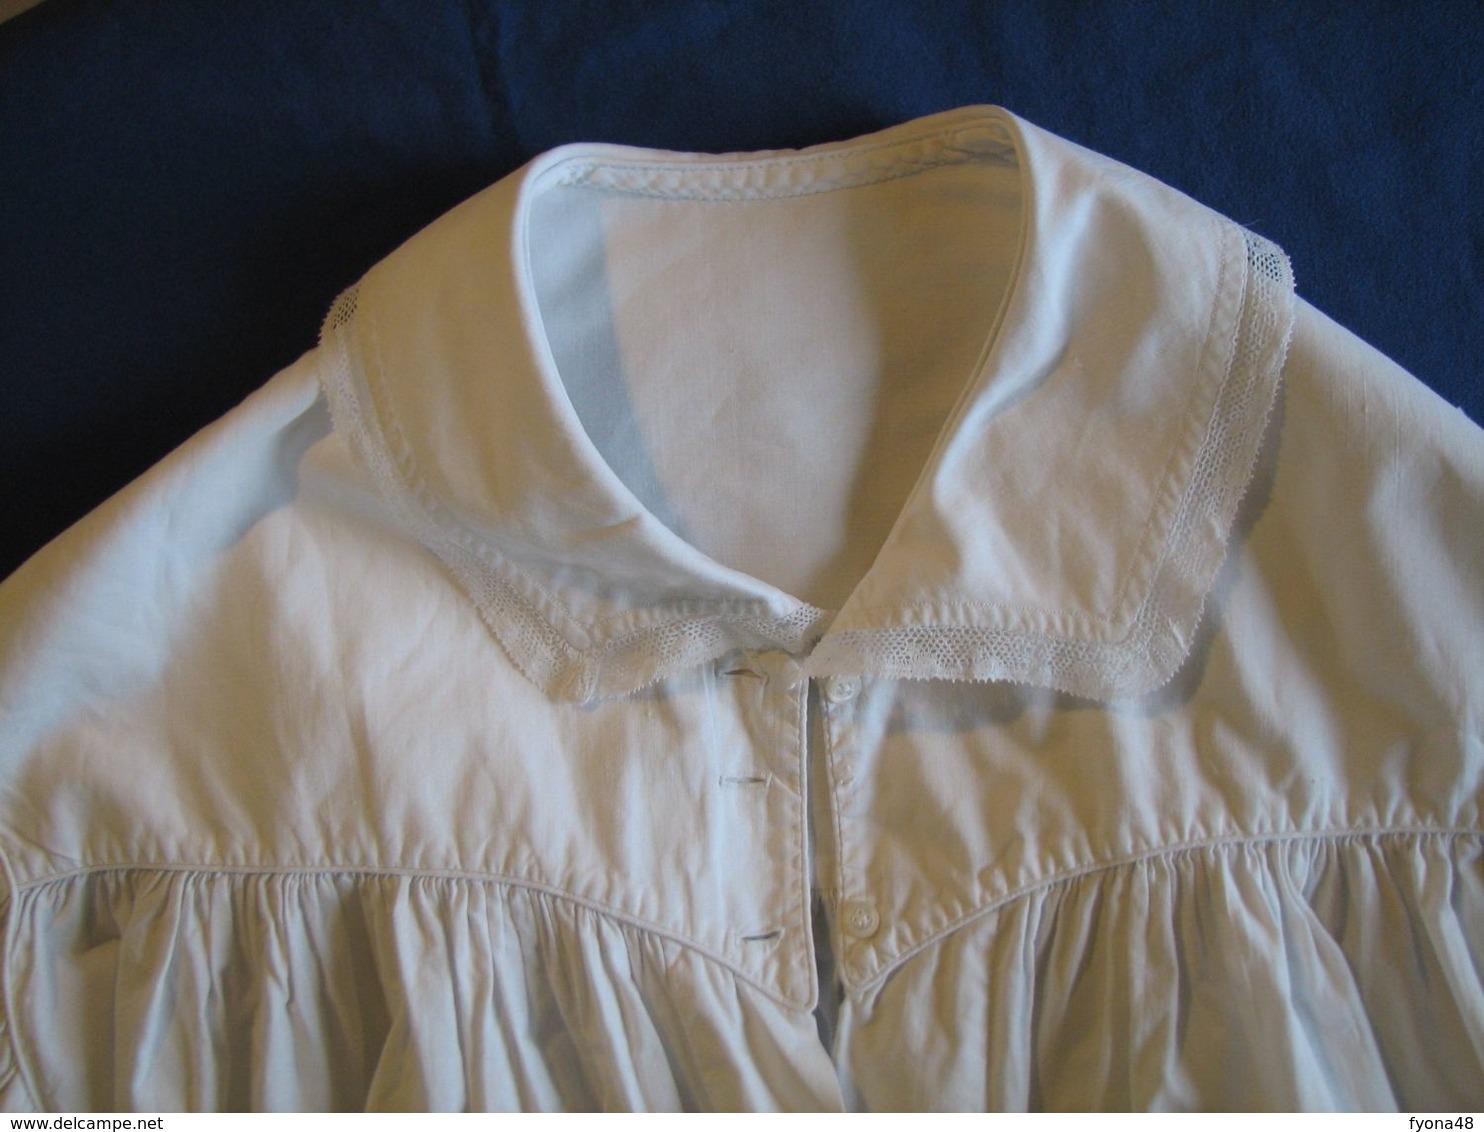 42 - Chemise En Coton Fin Ou Lin Avec Ceinture - 1900-1940